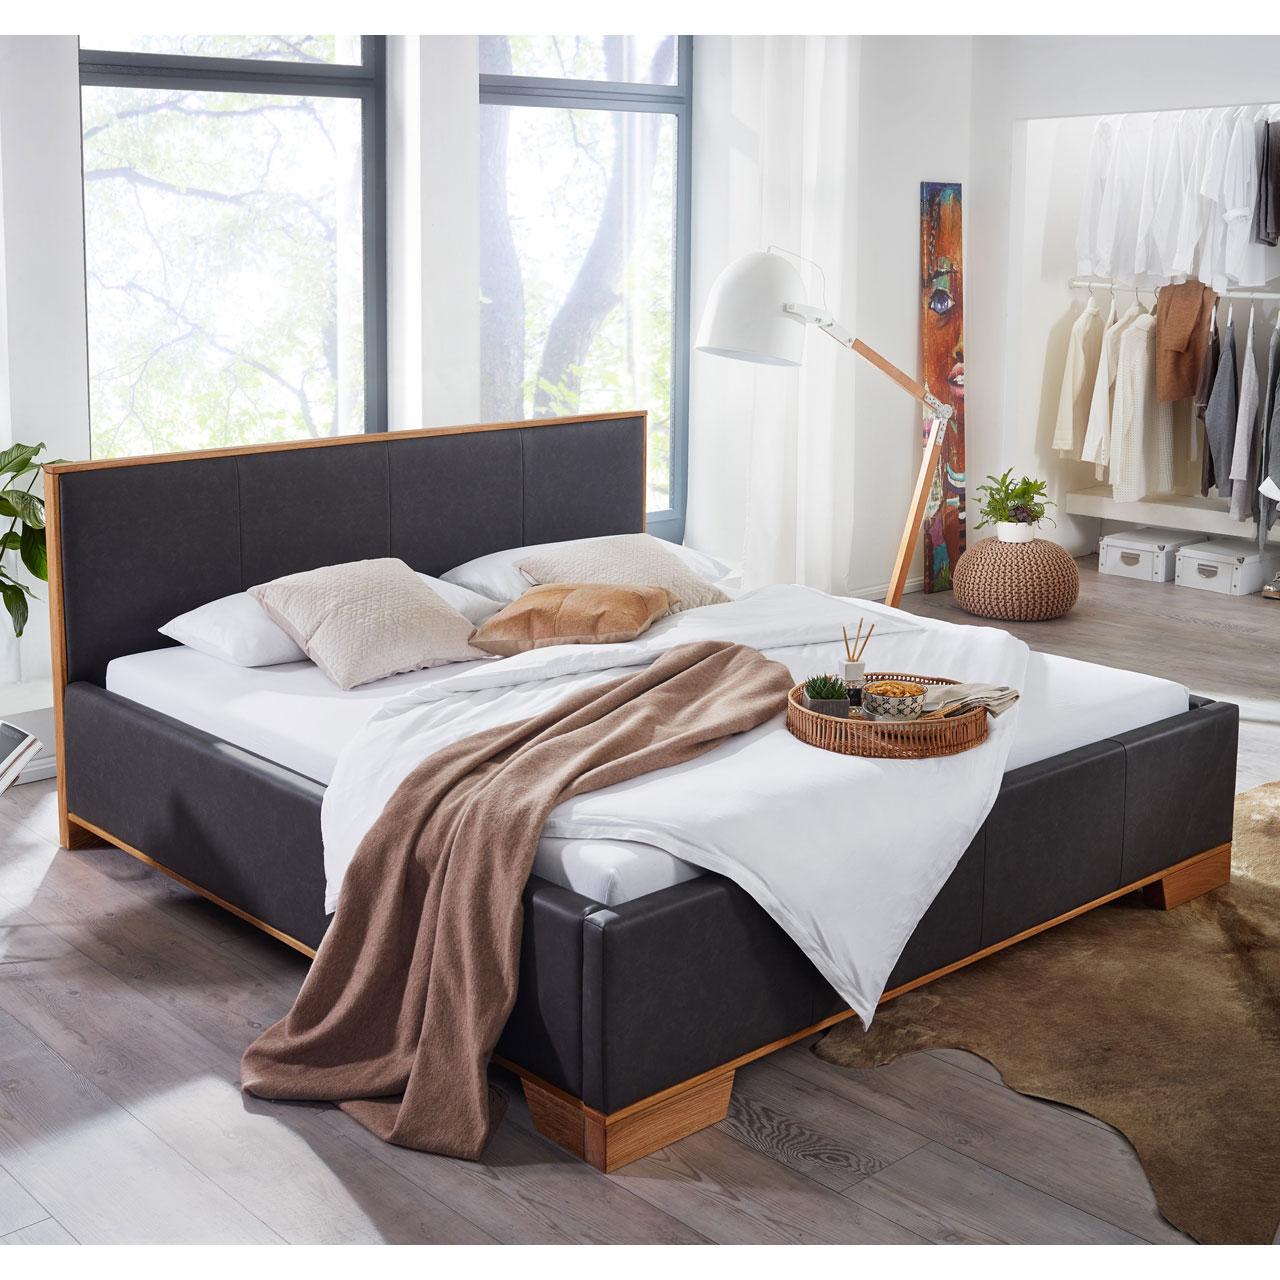 Full Size of Polsterbett Gnstig Online Kaufen Matratzen Bettende Bett Betten.de